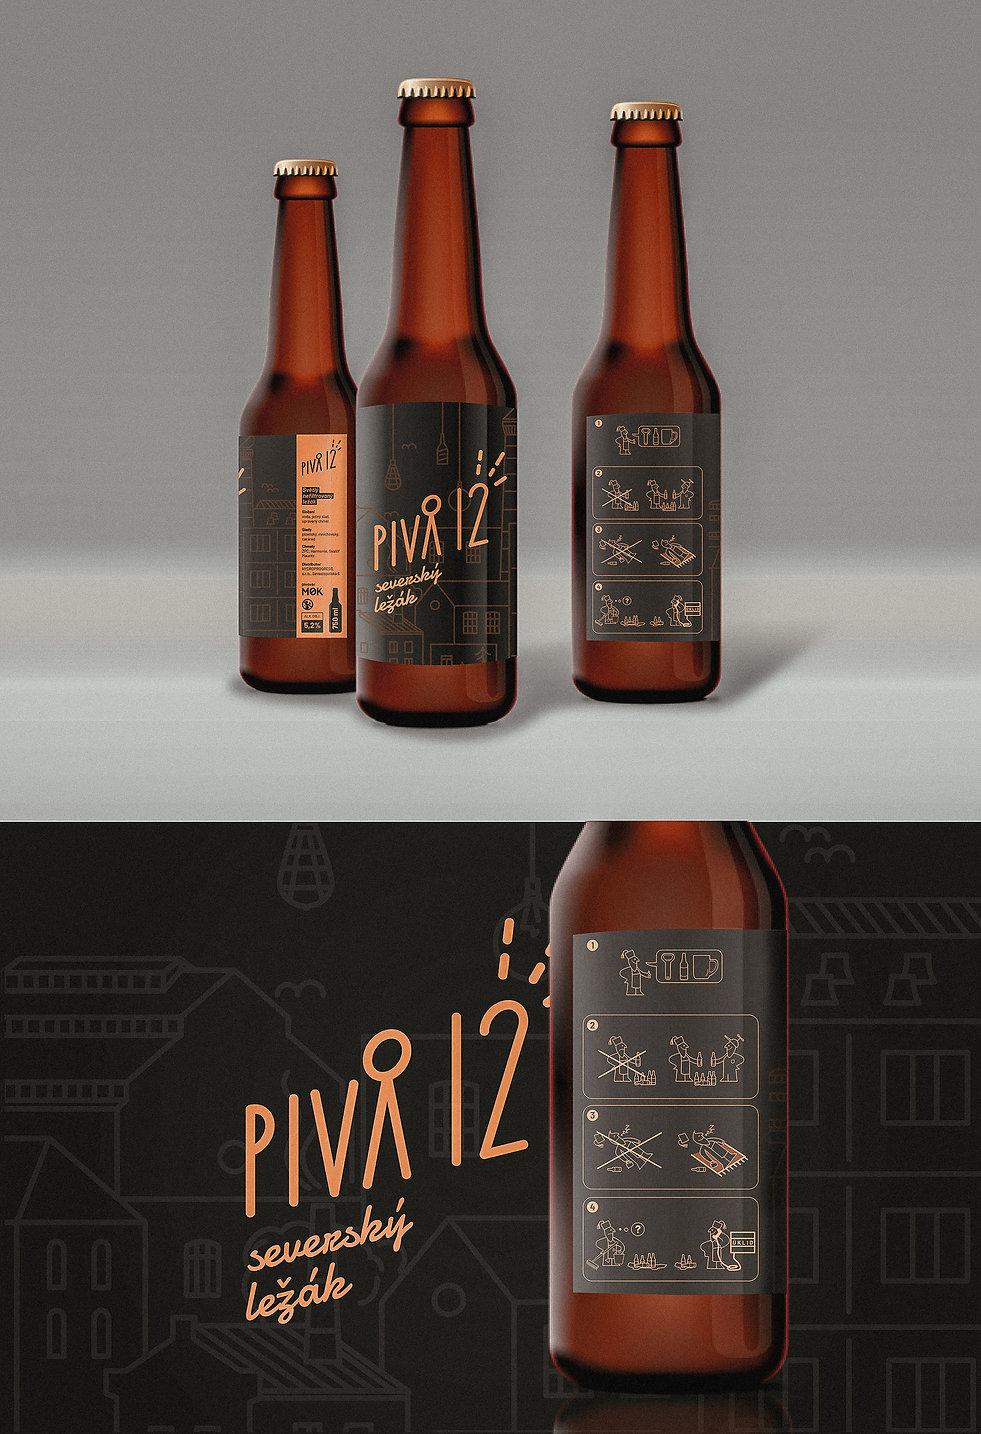 piva12-2.jpg